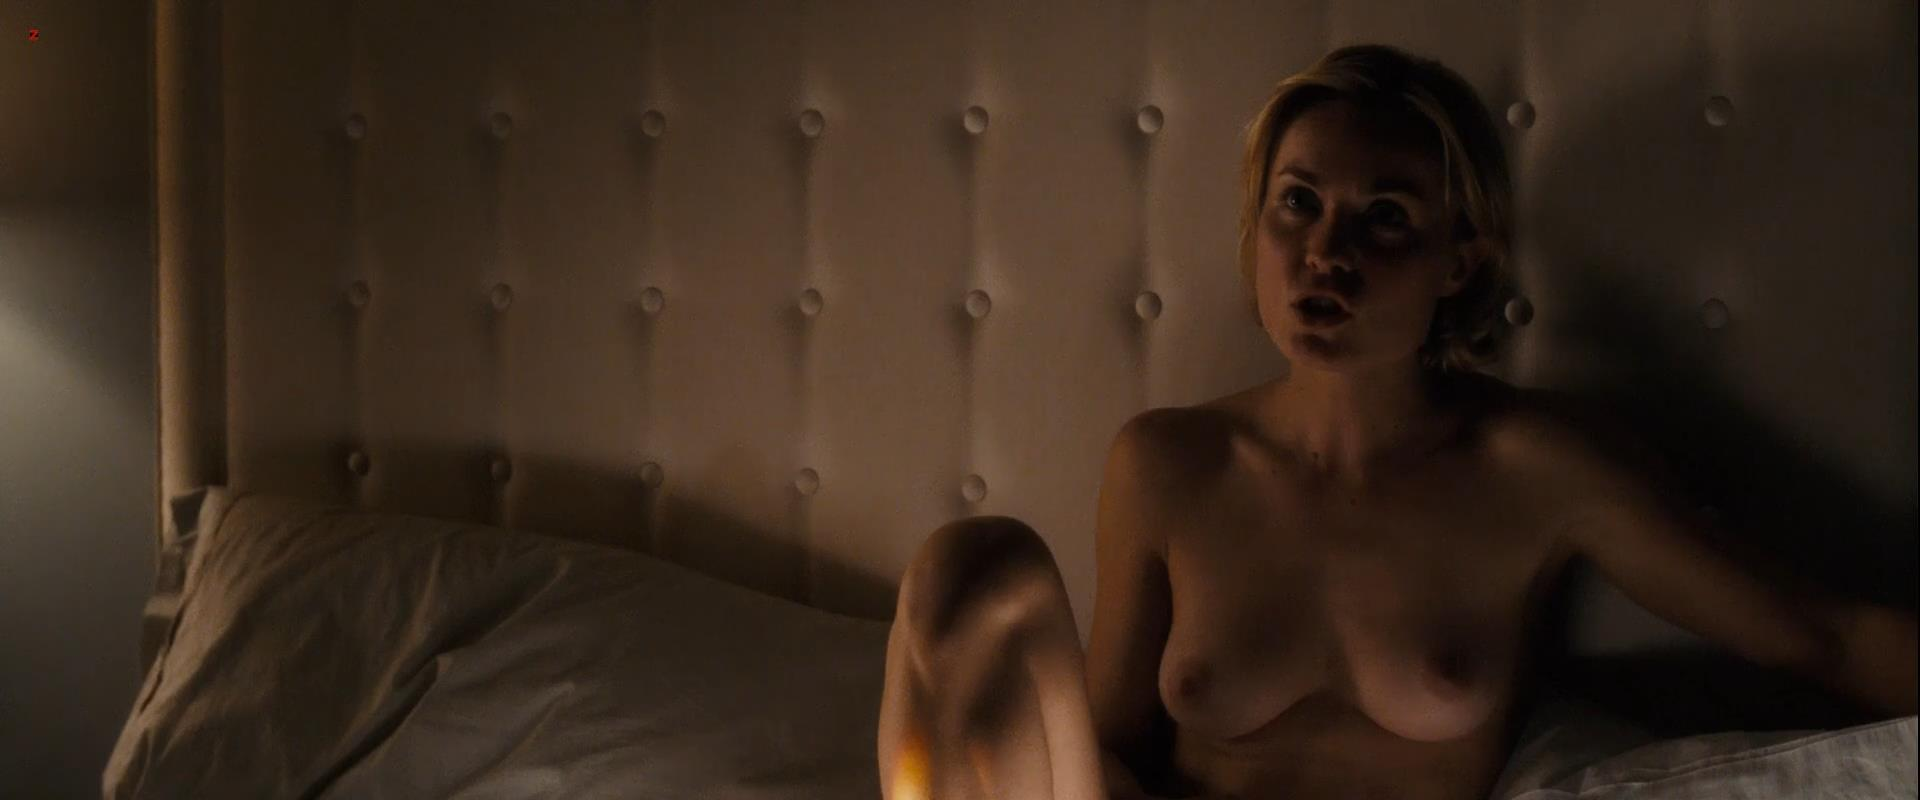 Kyla ebbert naked pics